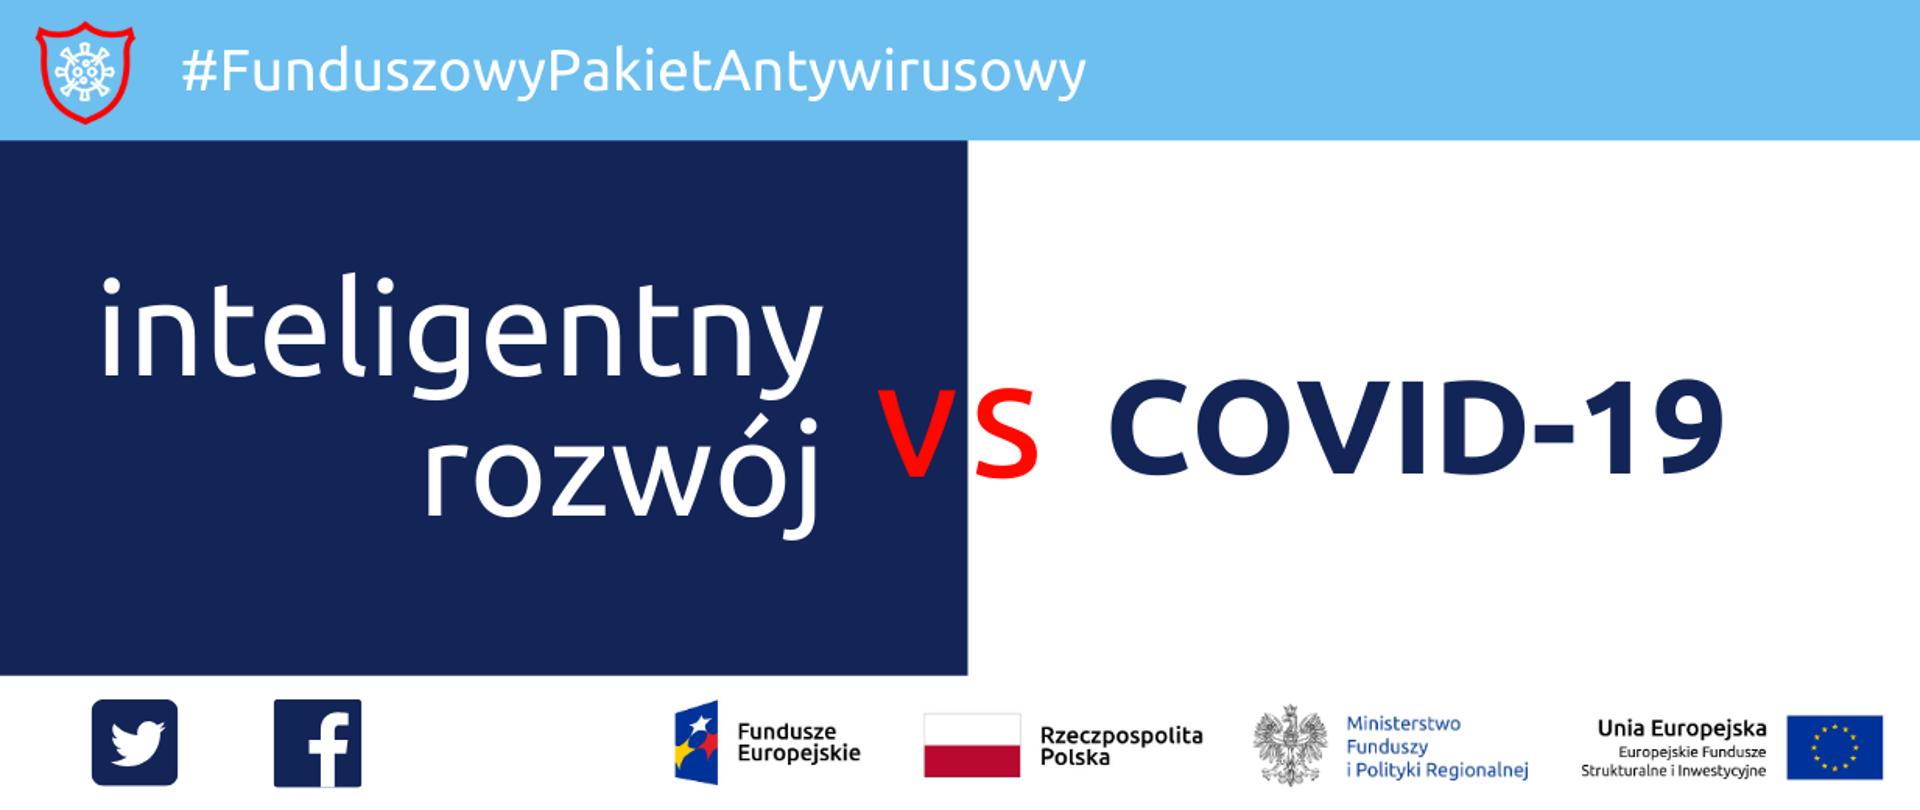 Napis: Funduszowy Pakiet Antykryzysowy: inteligentny rozwój versus covid-19. Na dole ikonki Facebooka oraz Twittera, logotypy Funduszy Europejskich i Ministerstwa Funduszy i Polityki Regionalnej, flaga Polski.